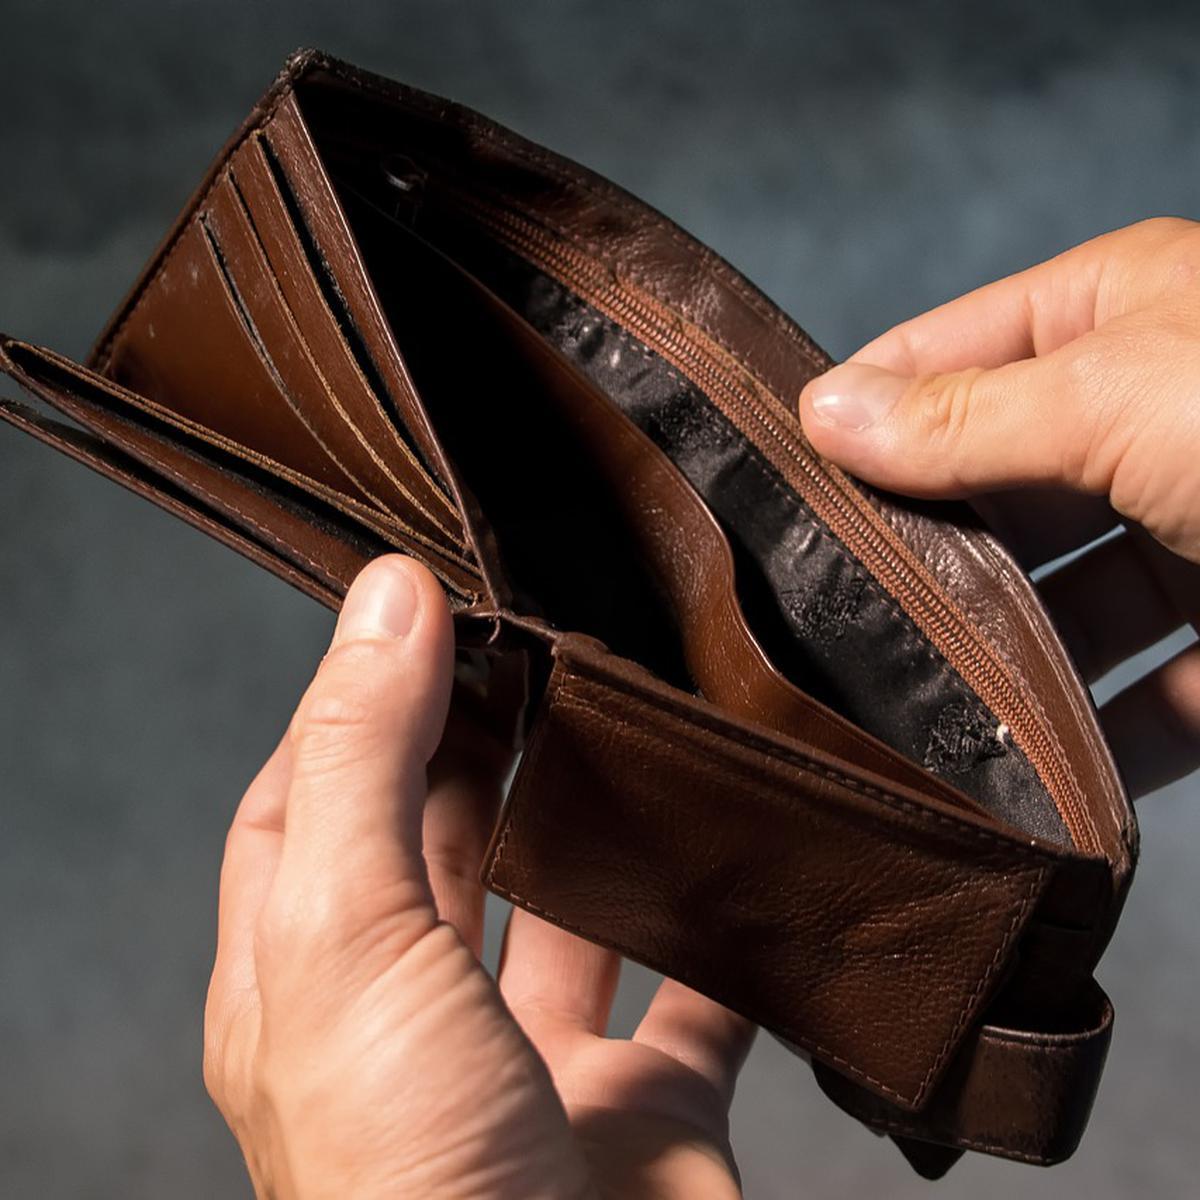 Ley de insolvencia, espera reforma en el Congreso